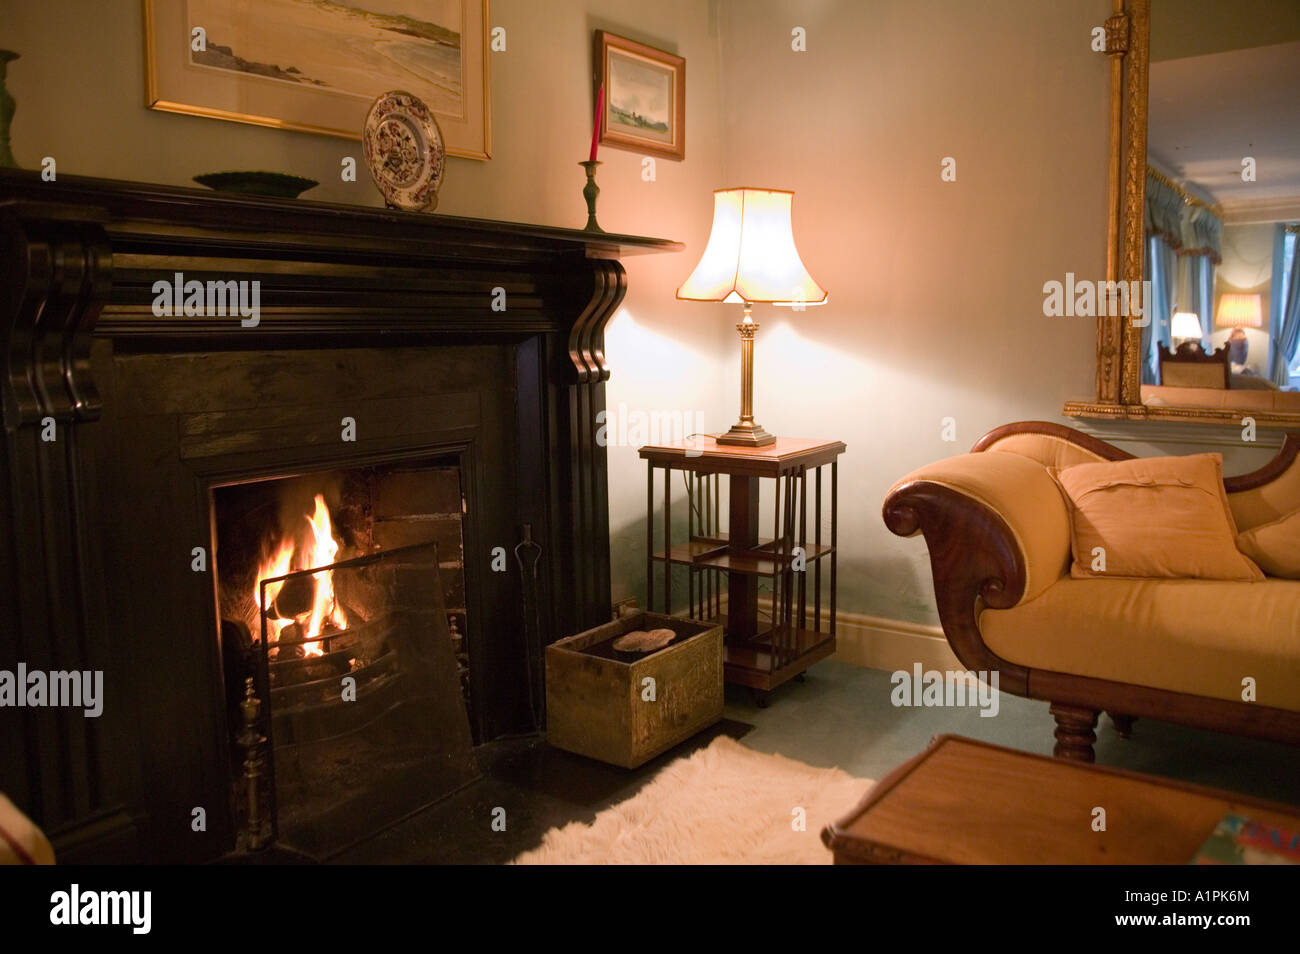 Einen Gemütlichen Kamin Im Wohnzimmer Des Rock Glen Hotels In Clifden West  Irland